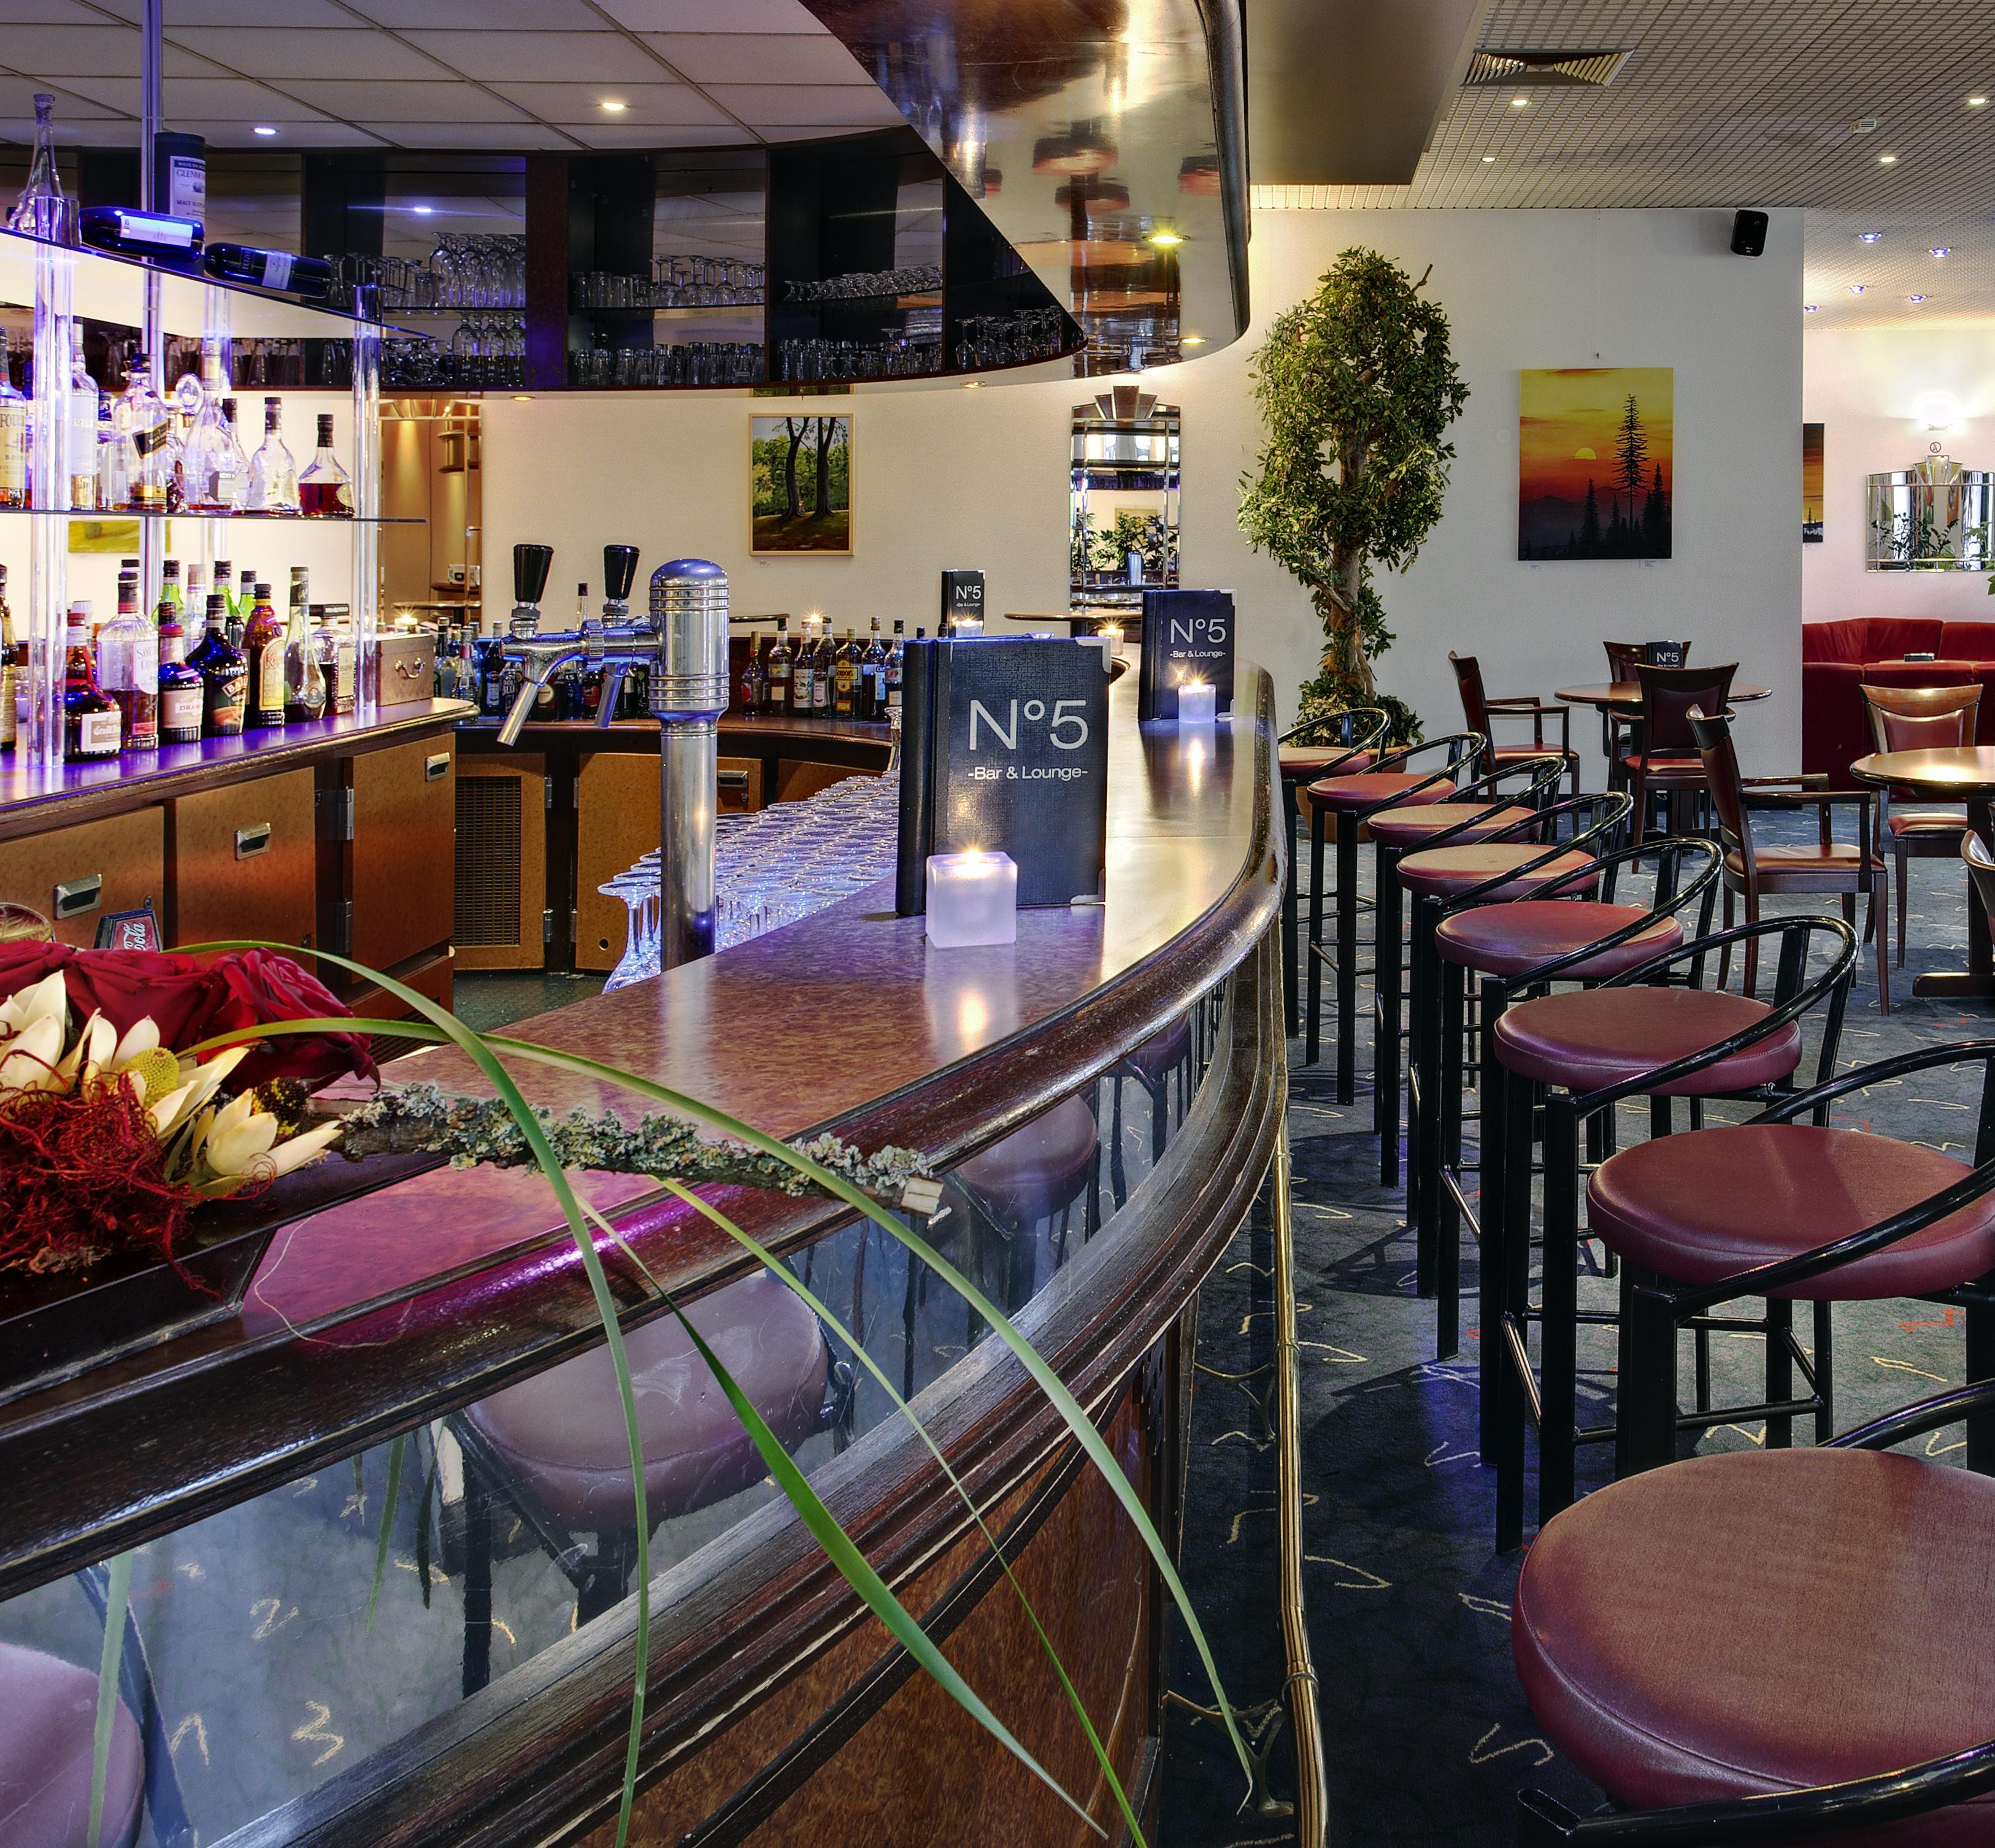 Wyndham Garden Duesseldorf Mettmann Hotel - Restaurant und Bar